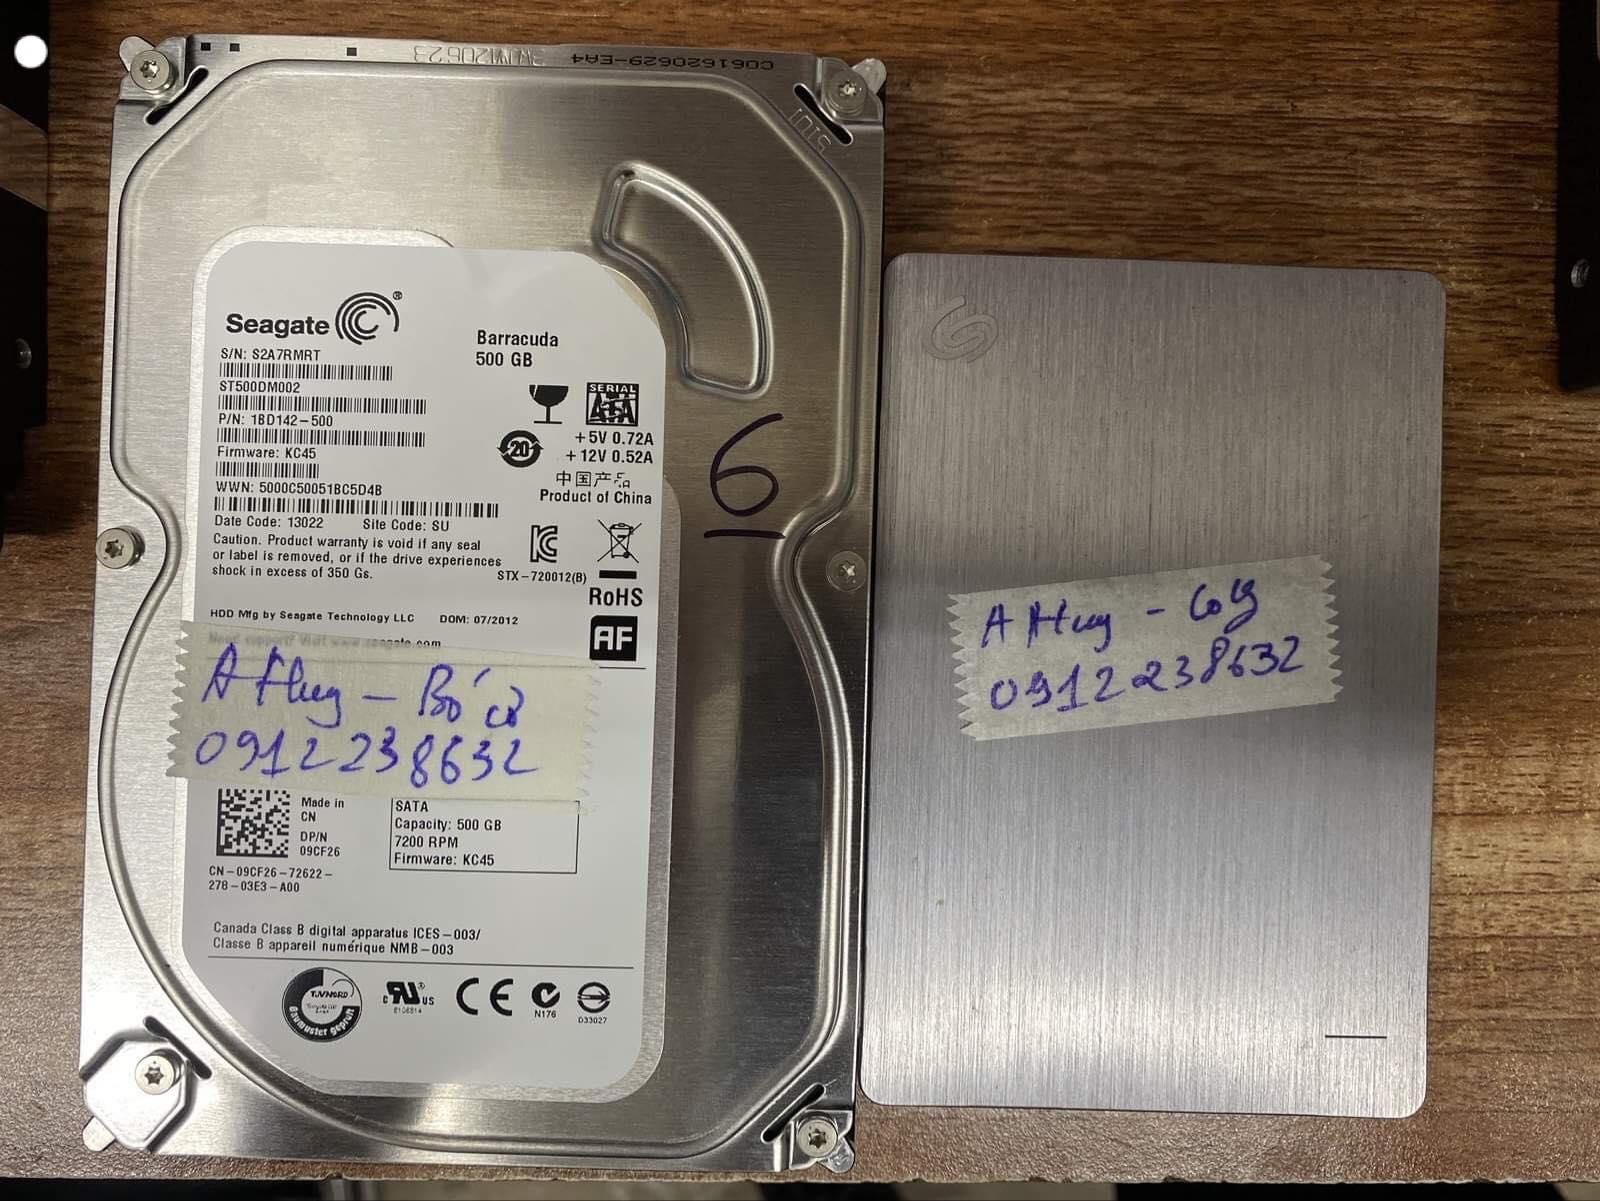 Cứu dữ liệu ổ cứng Seagate 500GB bó cơ 25/02/2020 - cuumaytinh